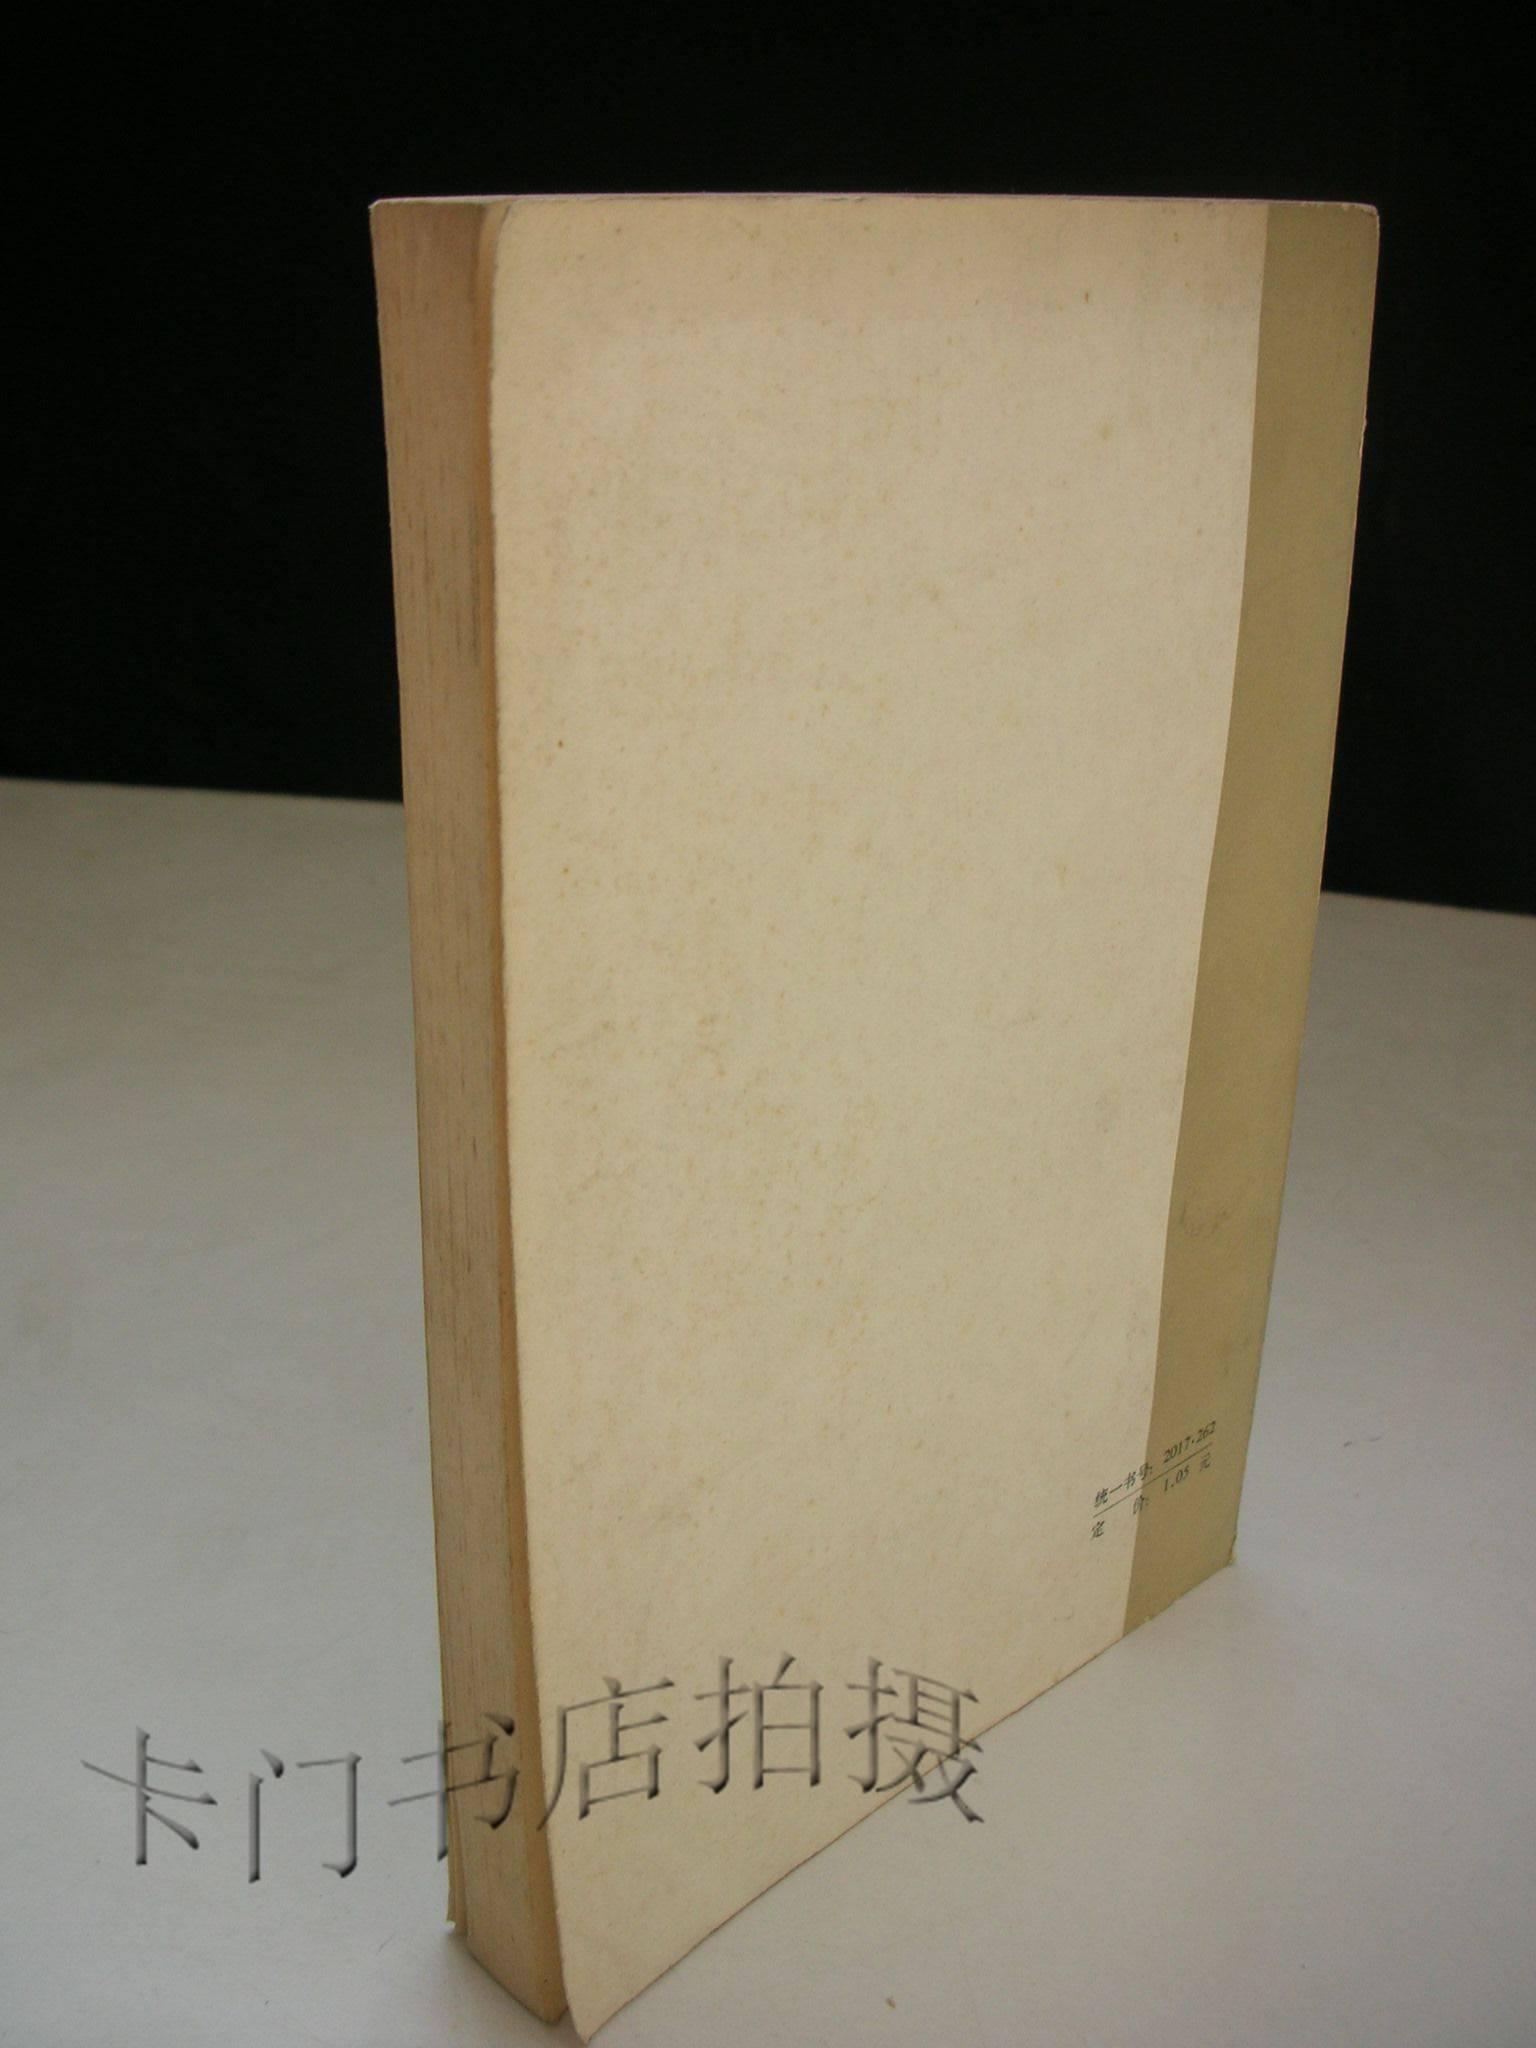 【图】物理学【古希腊罗马文化专家、翻译家张